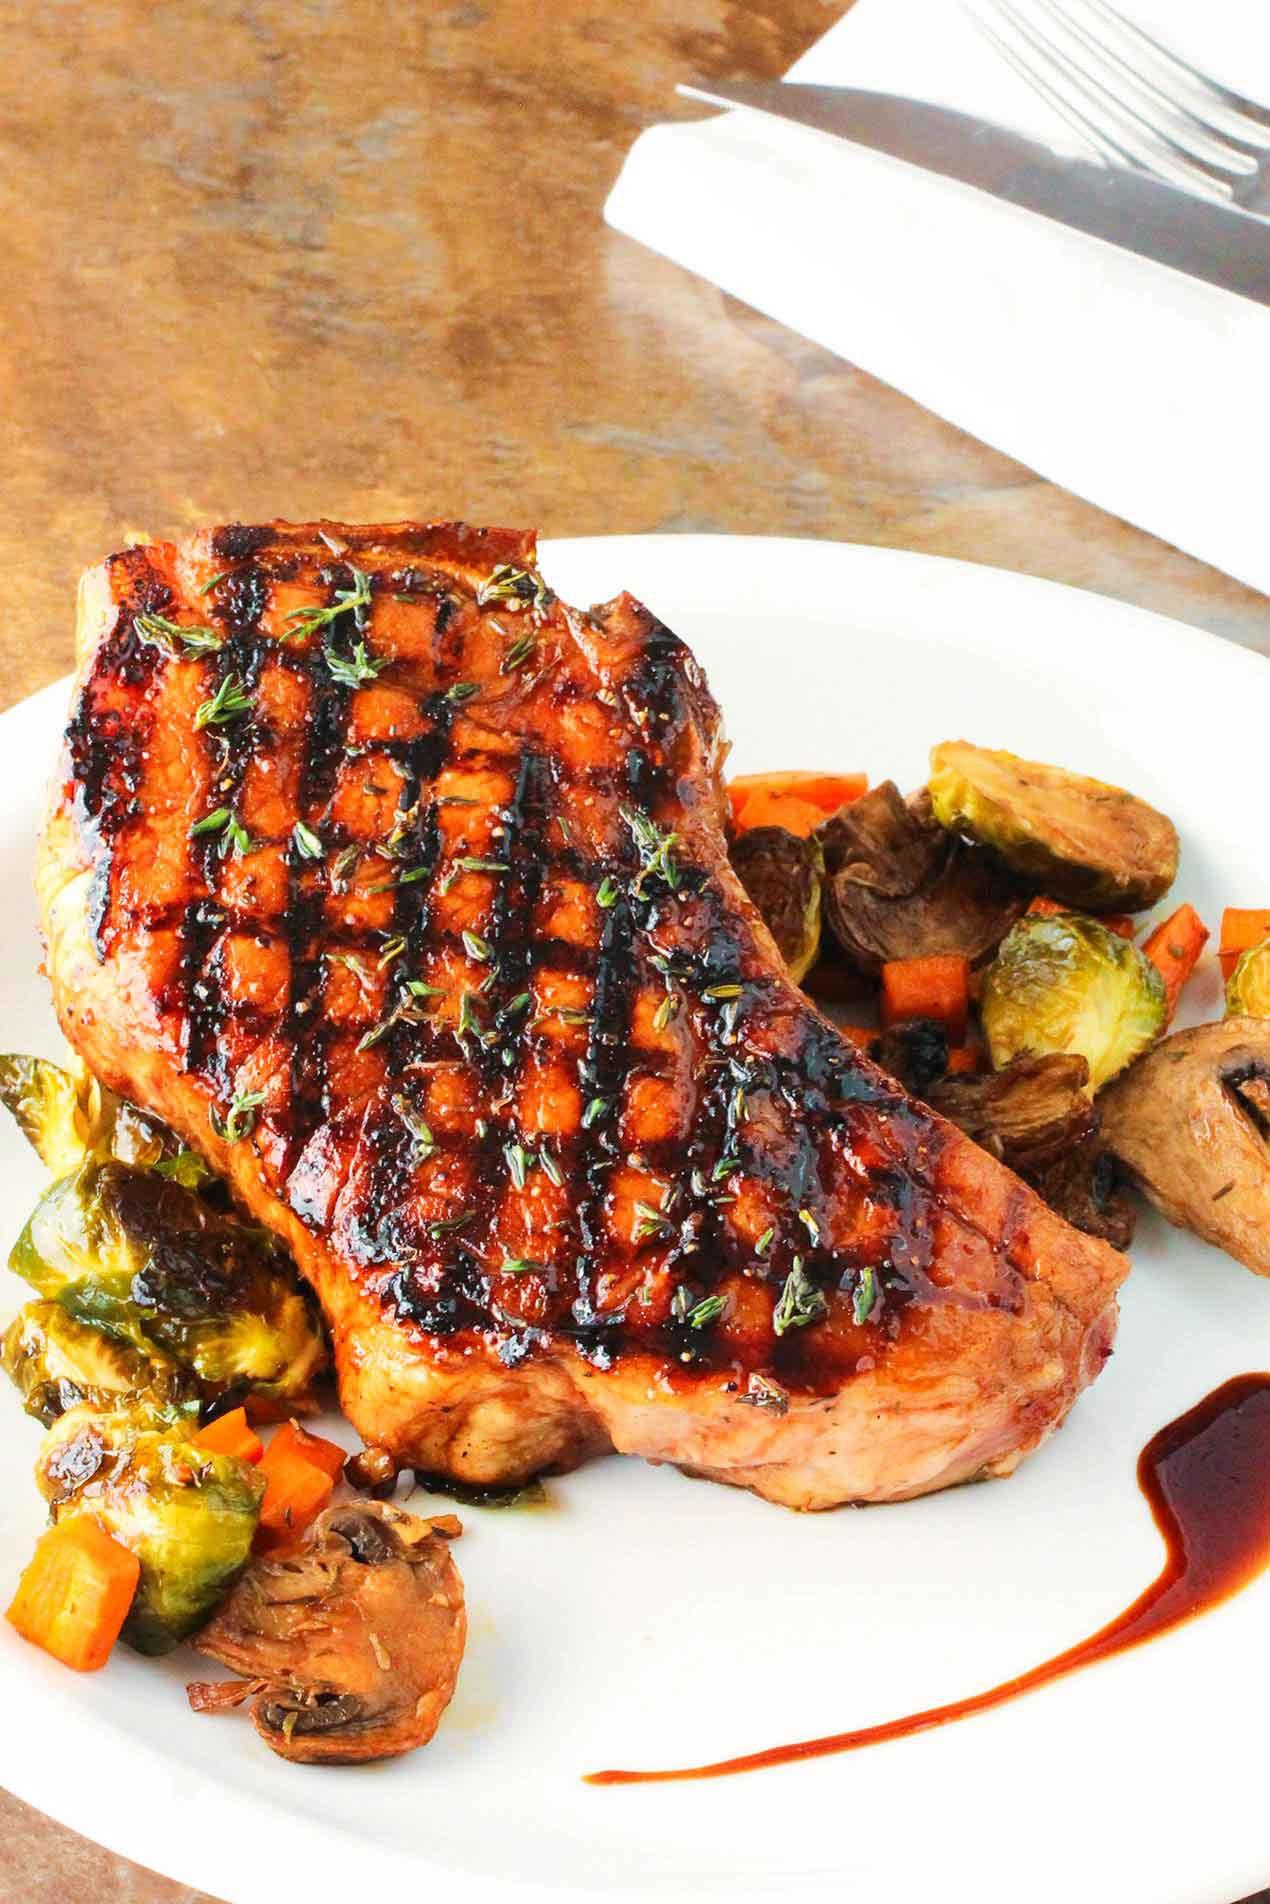 Grill Pork Chops Time  Balsamic Grilled Pork Chops